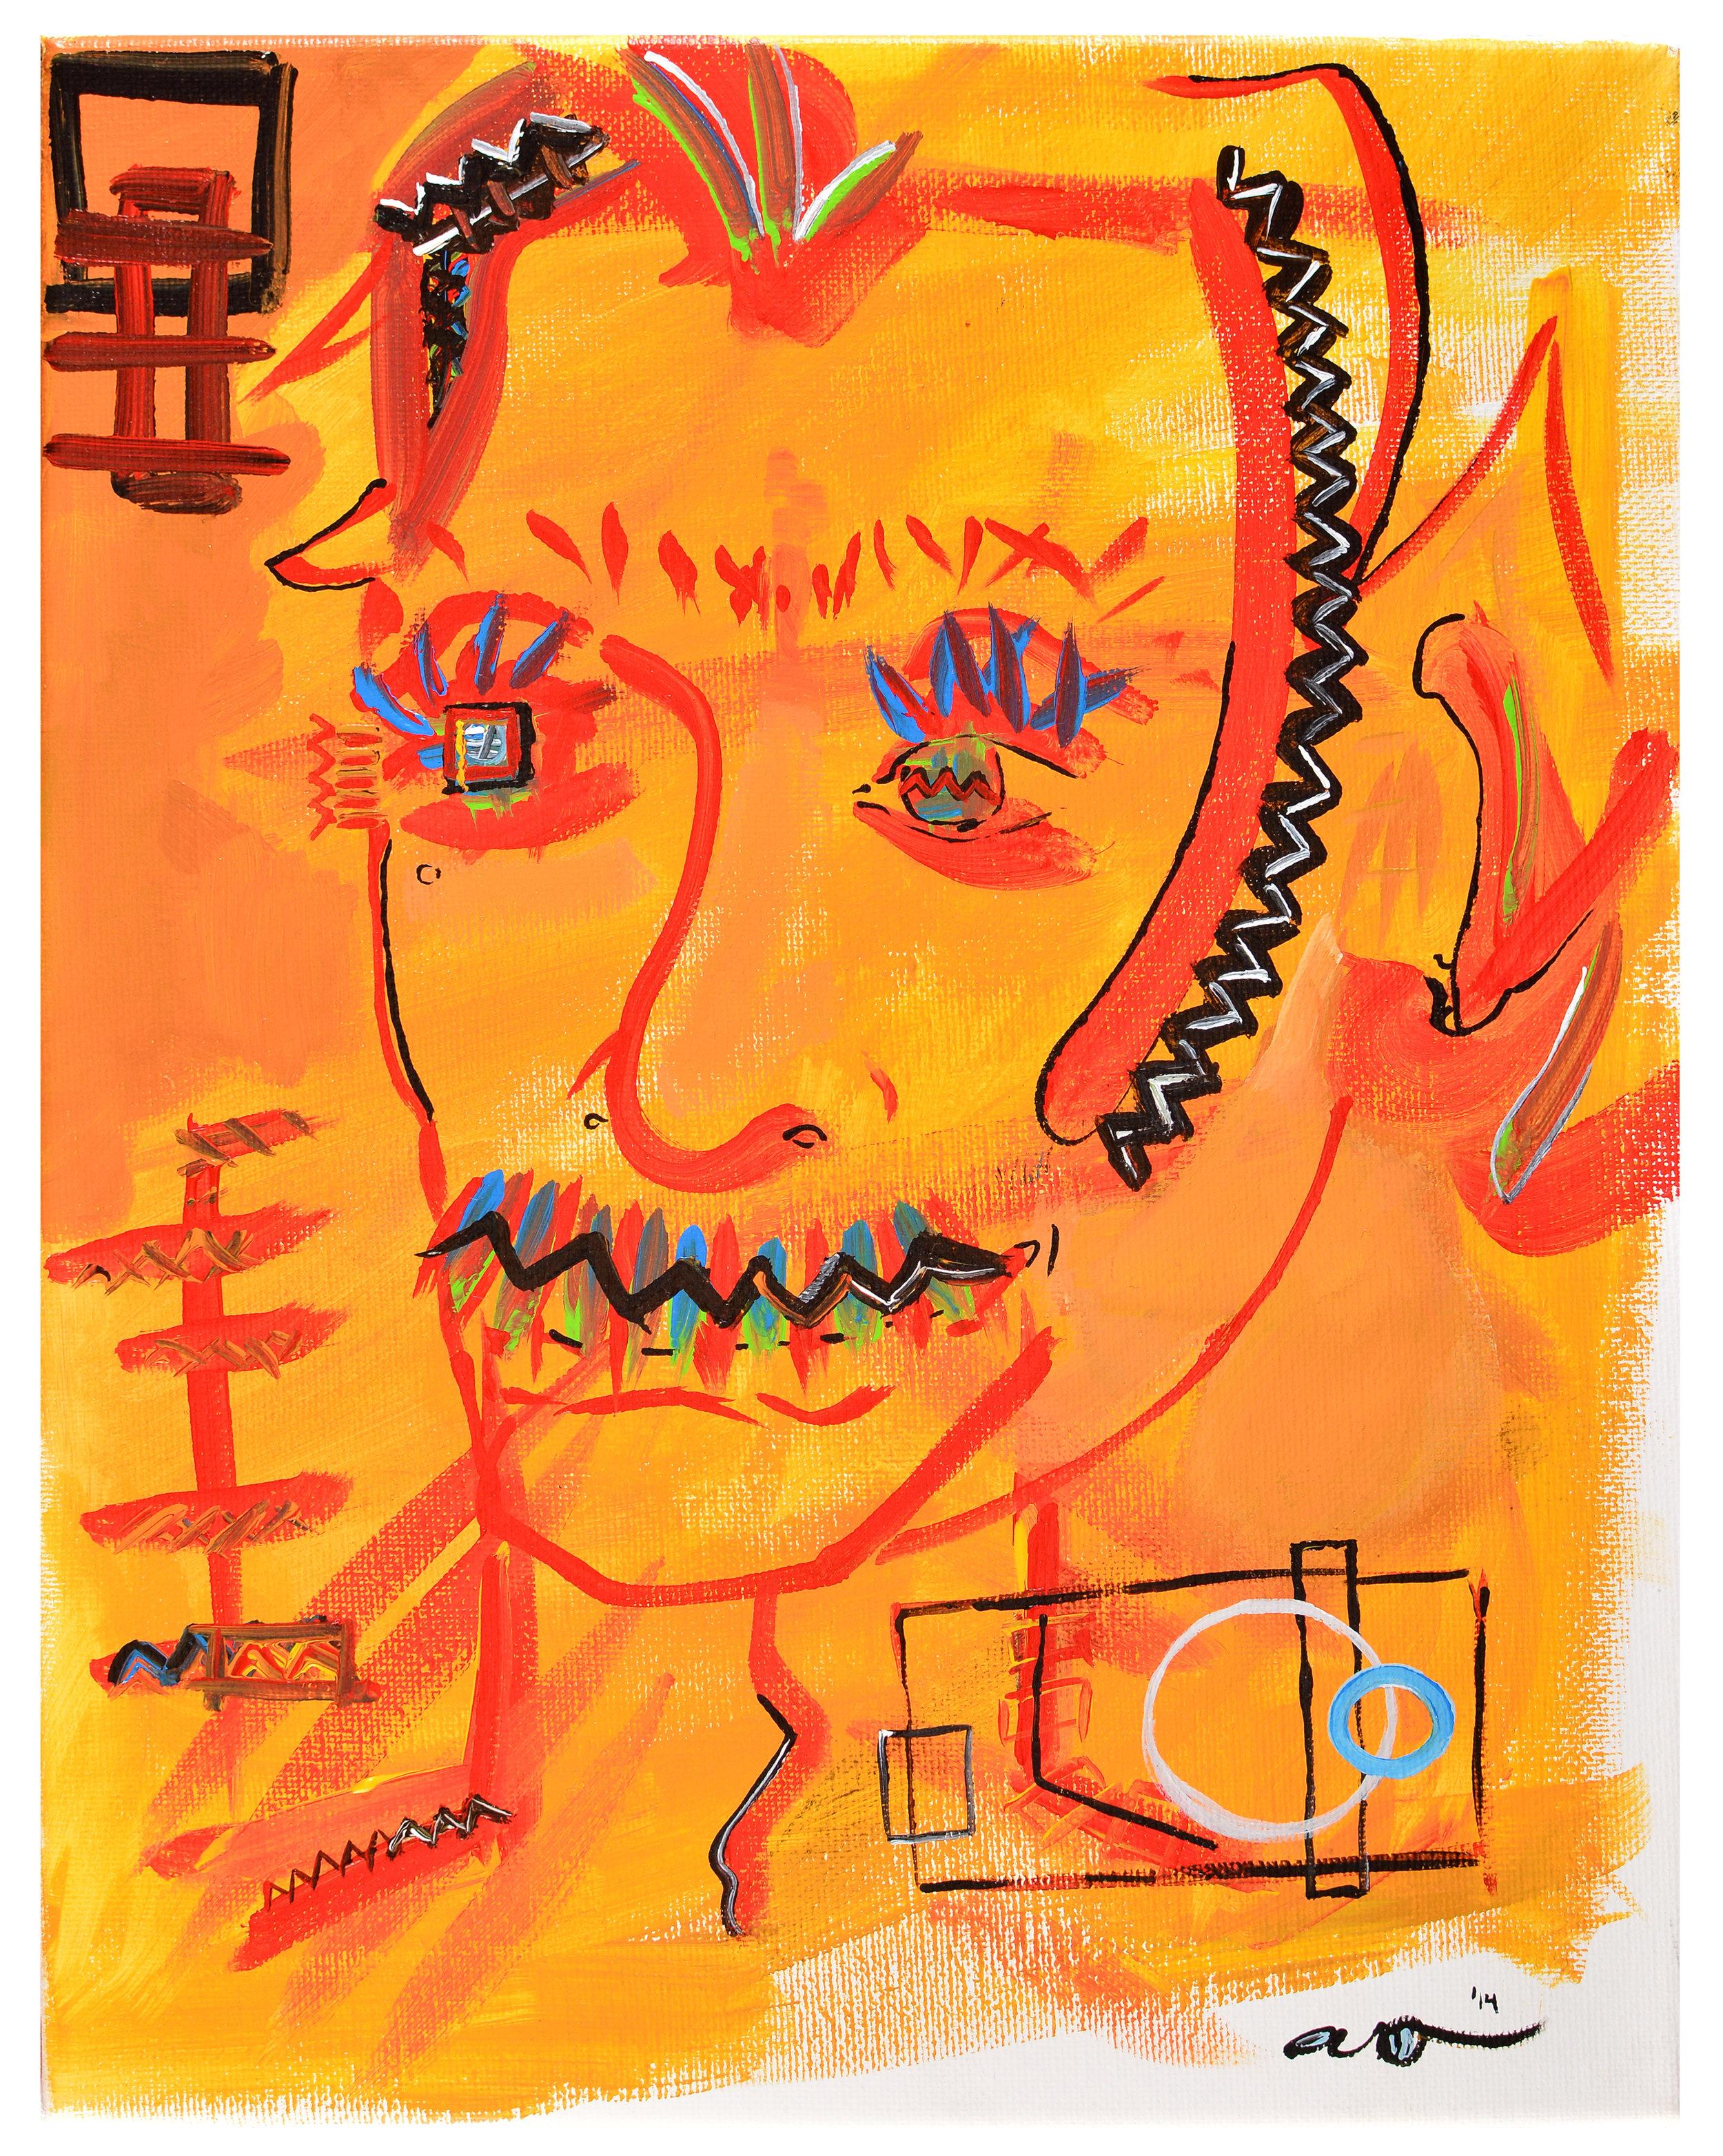 Self-Portrait III - Yellow Man